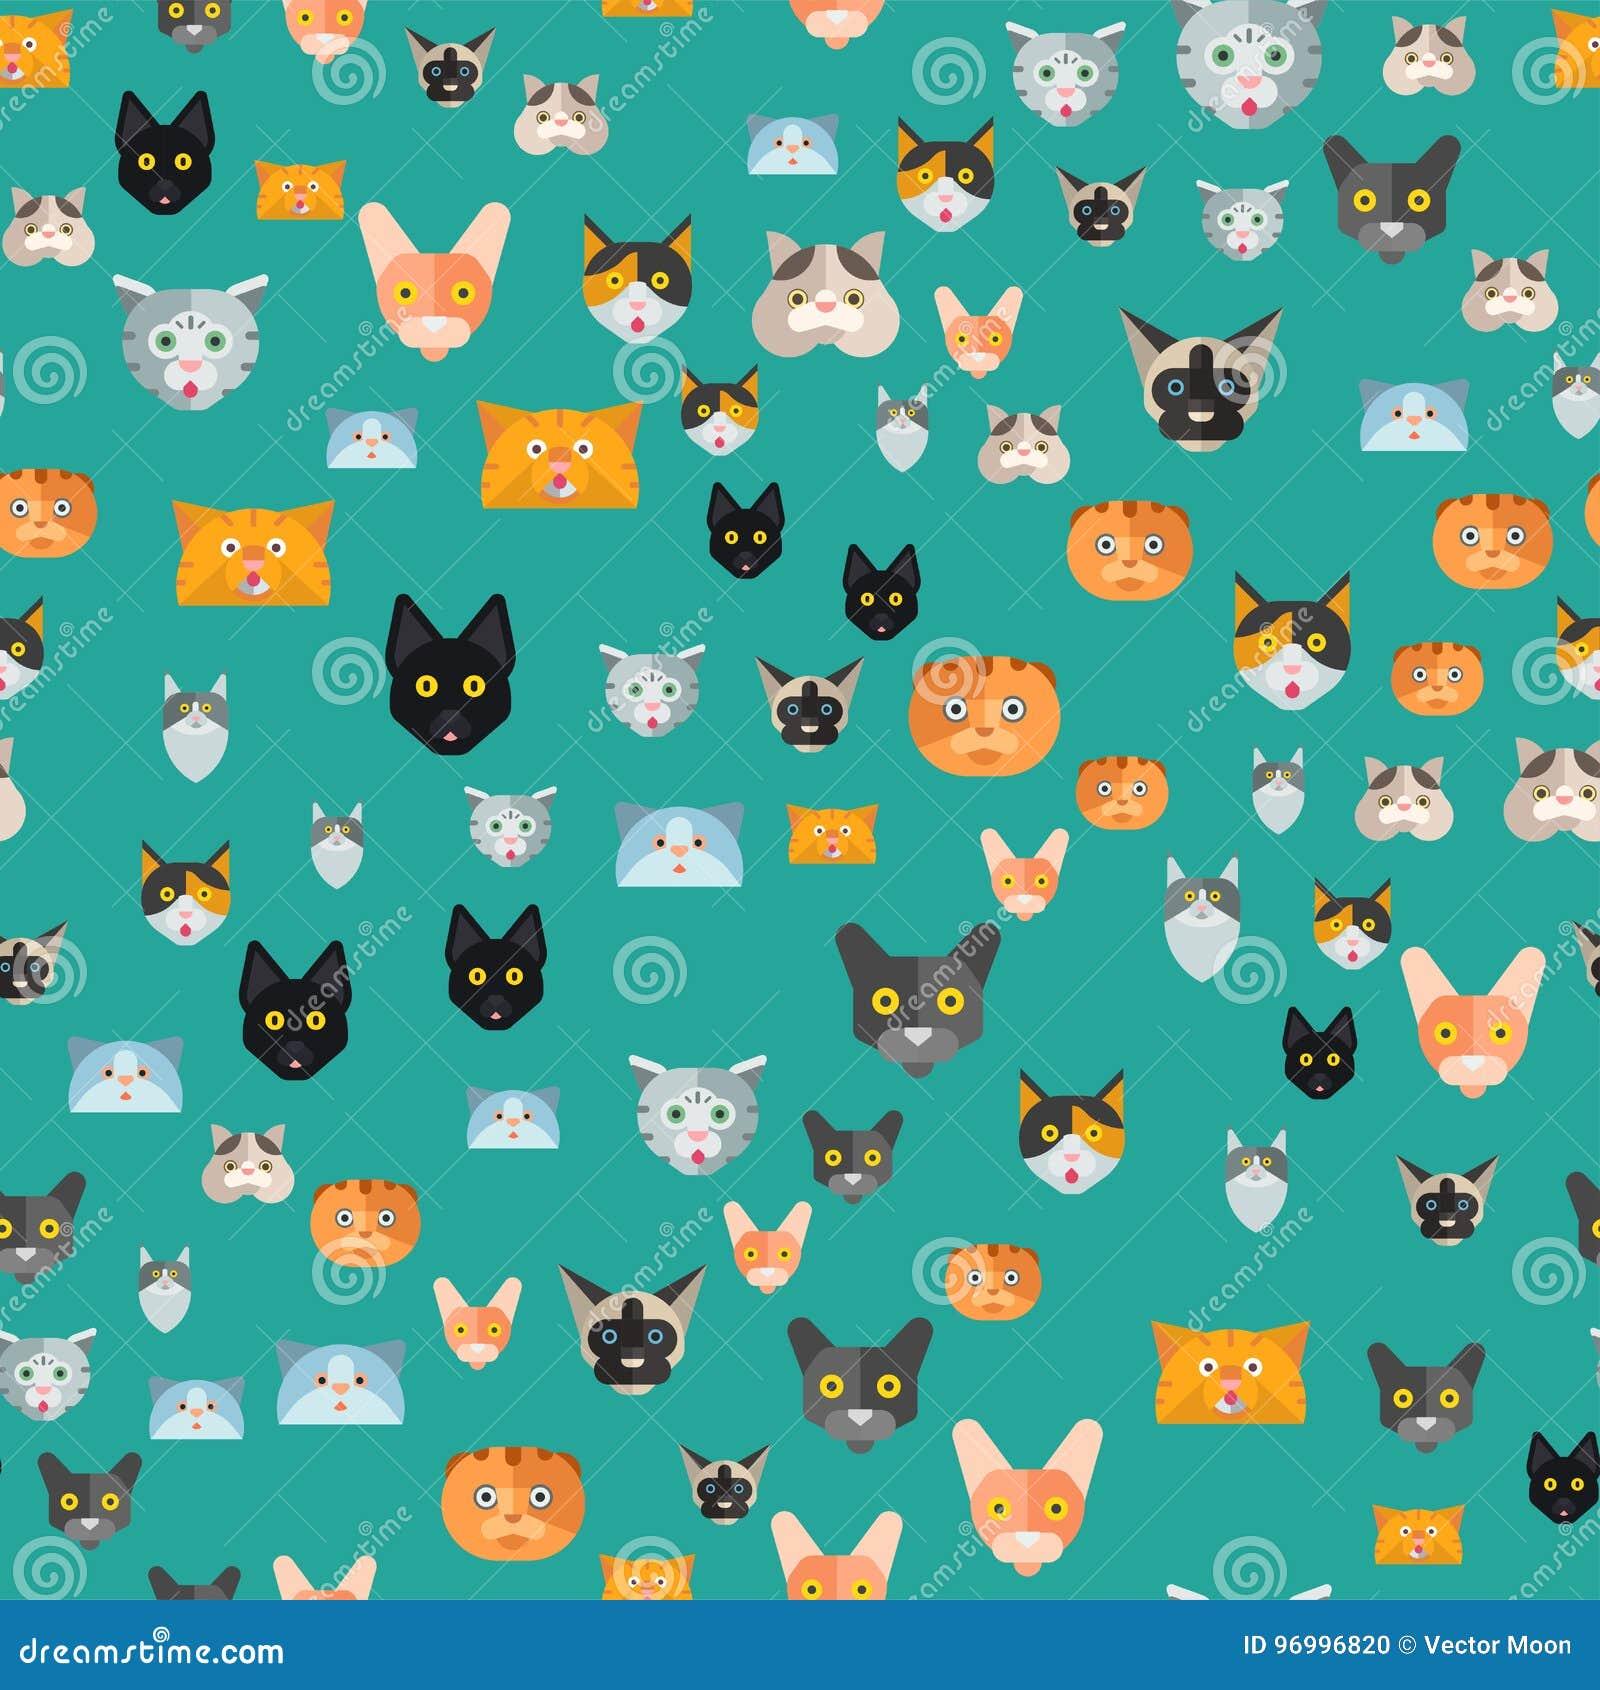 Van de het patroon grappig decoratief pot van de katten vectorillustratie leuk dierlijk naadloos de karakters katachtig binnenlan